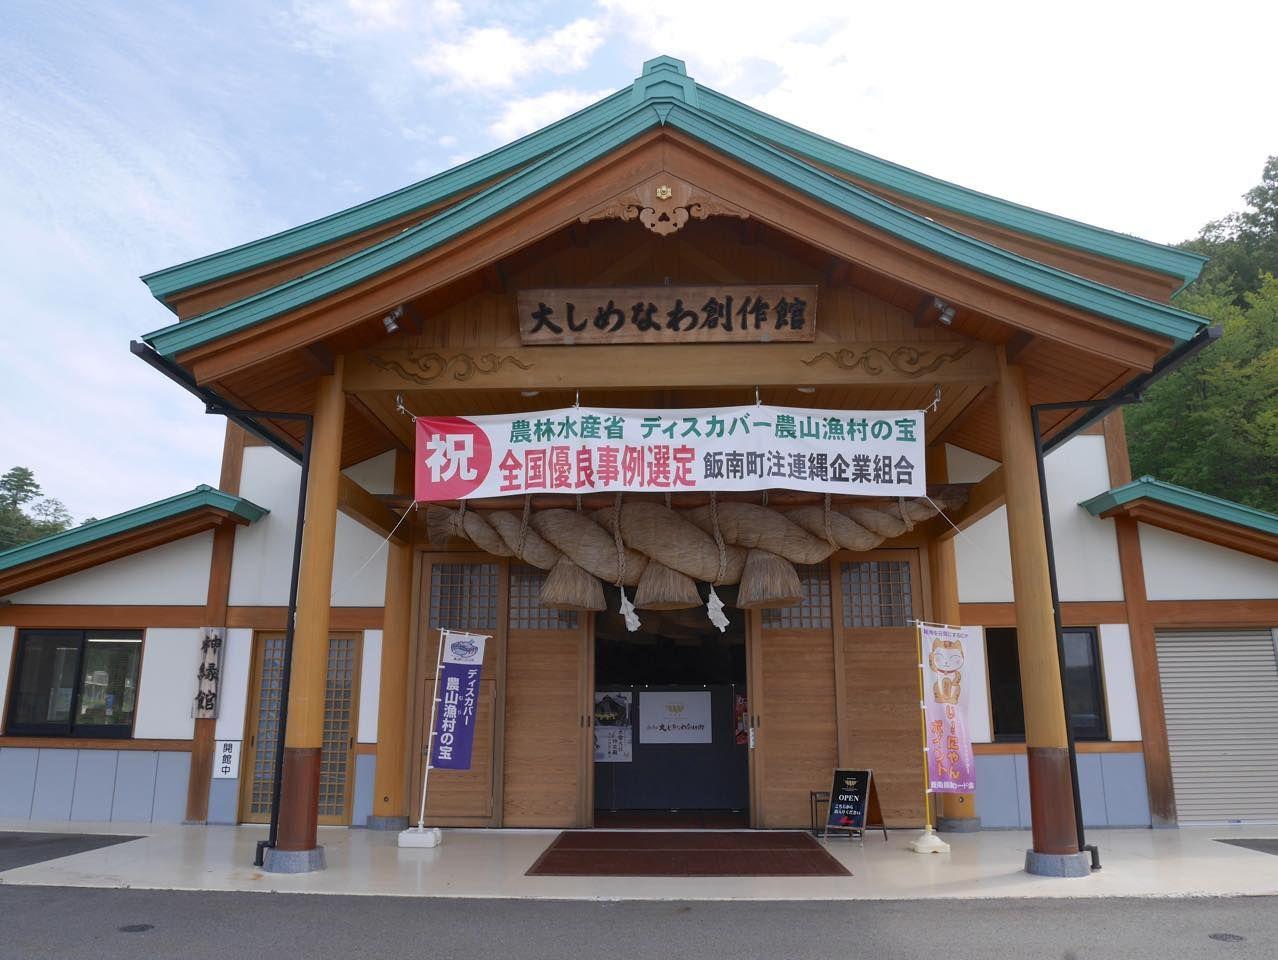 島根県で手作りしめ縄づくりを体験!「飯南町大しめなわ創作館」